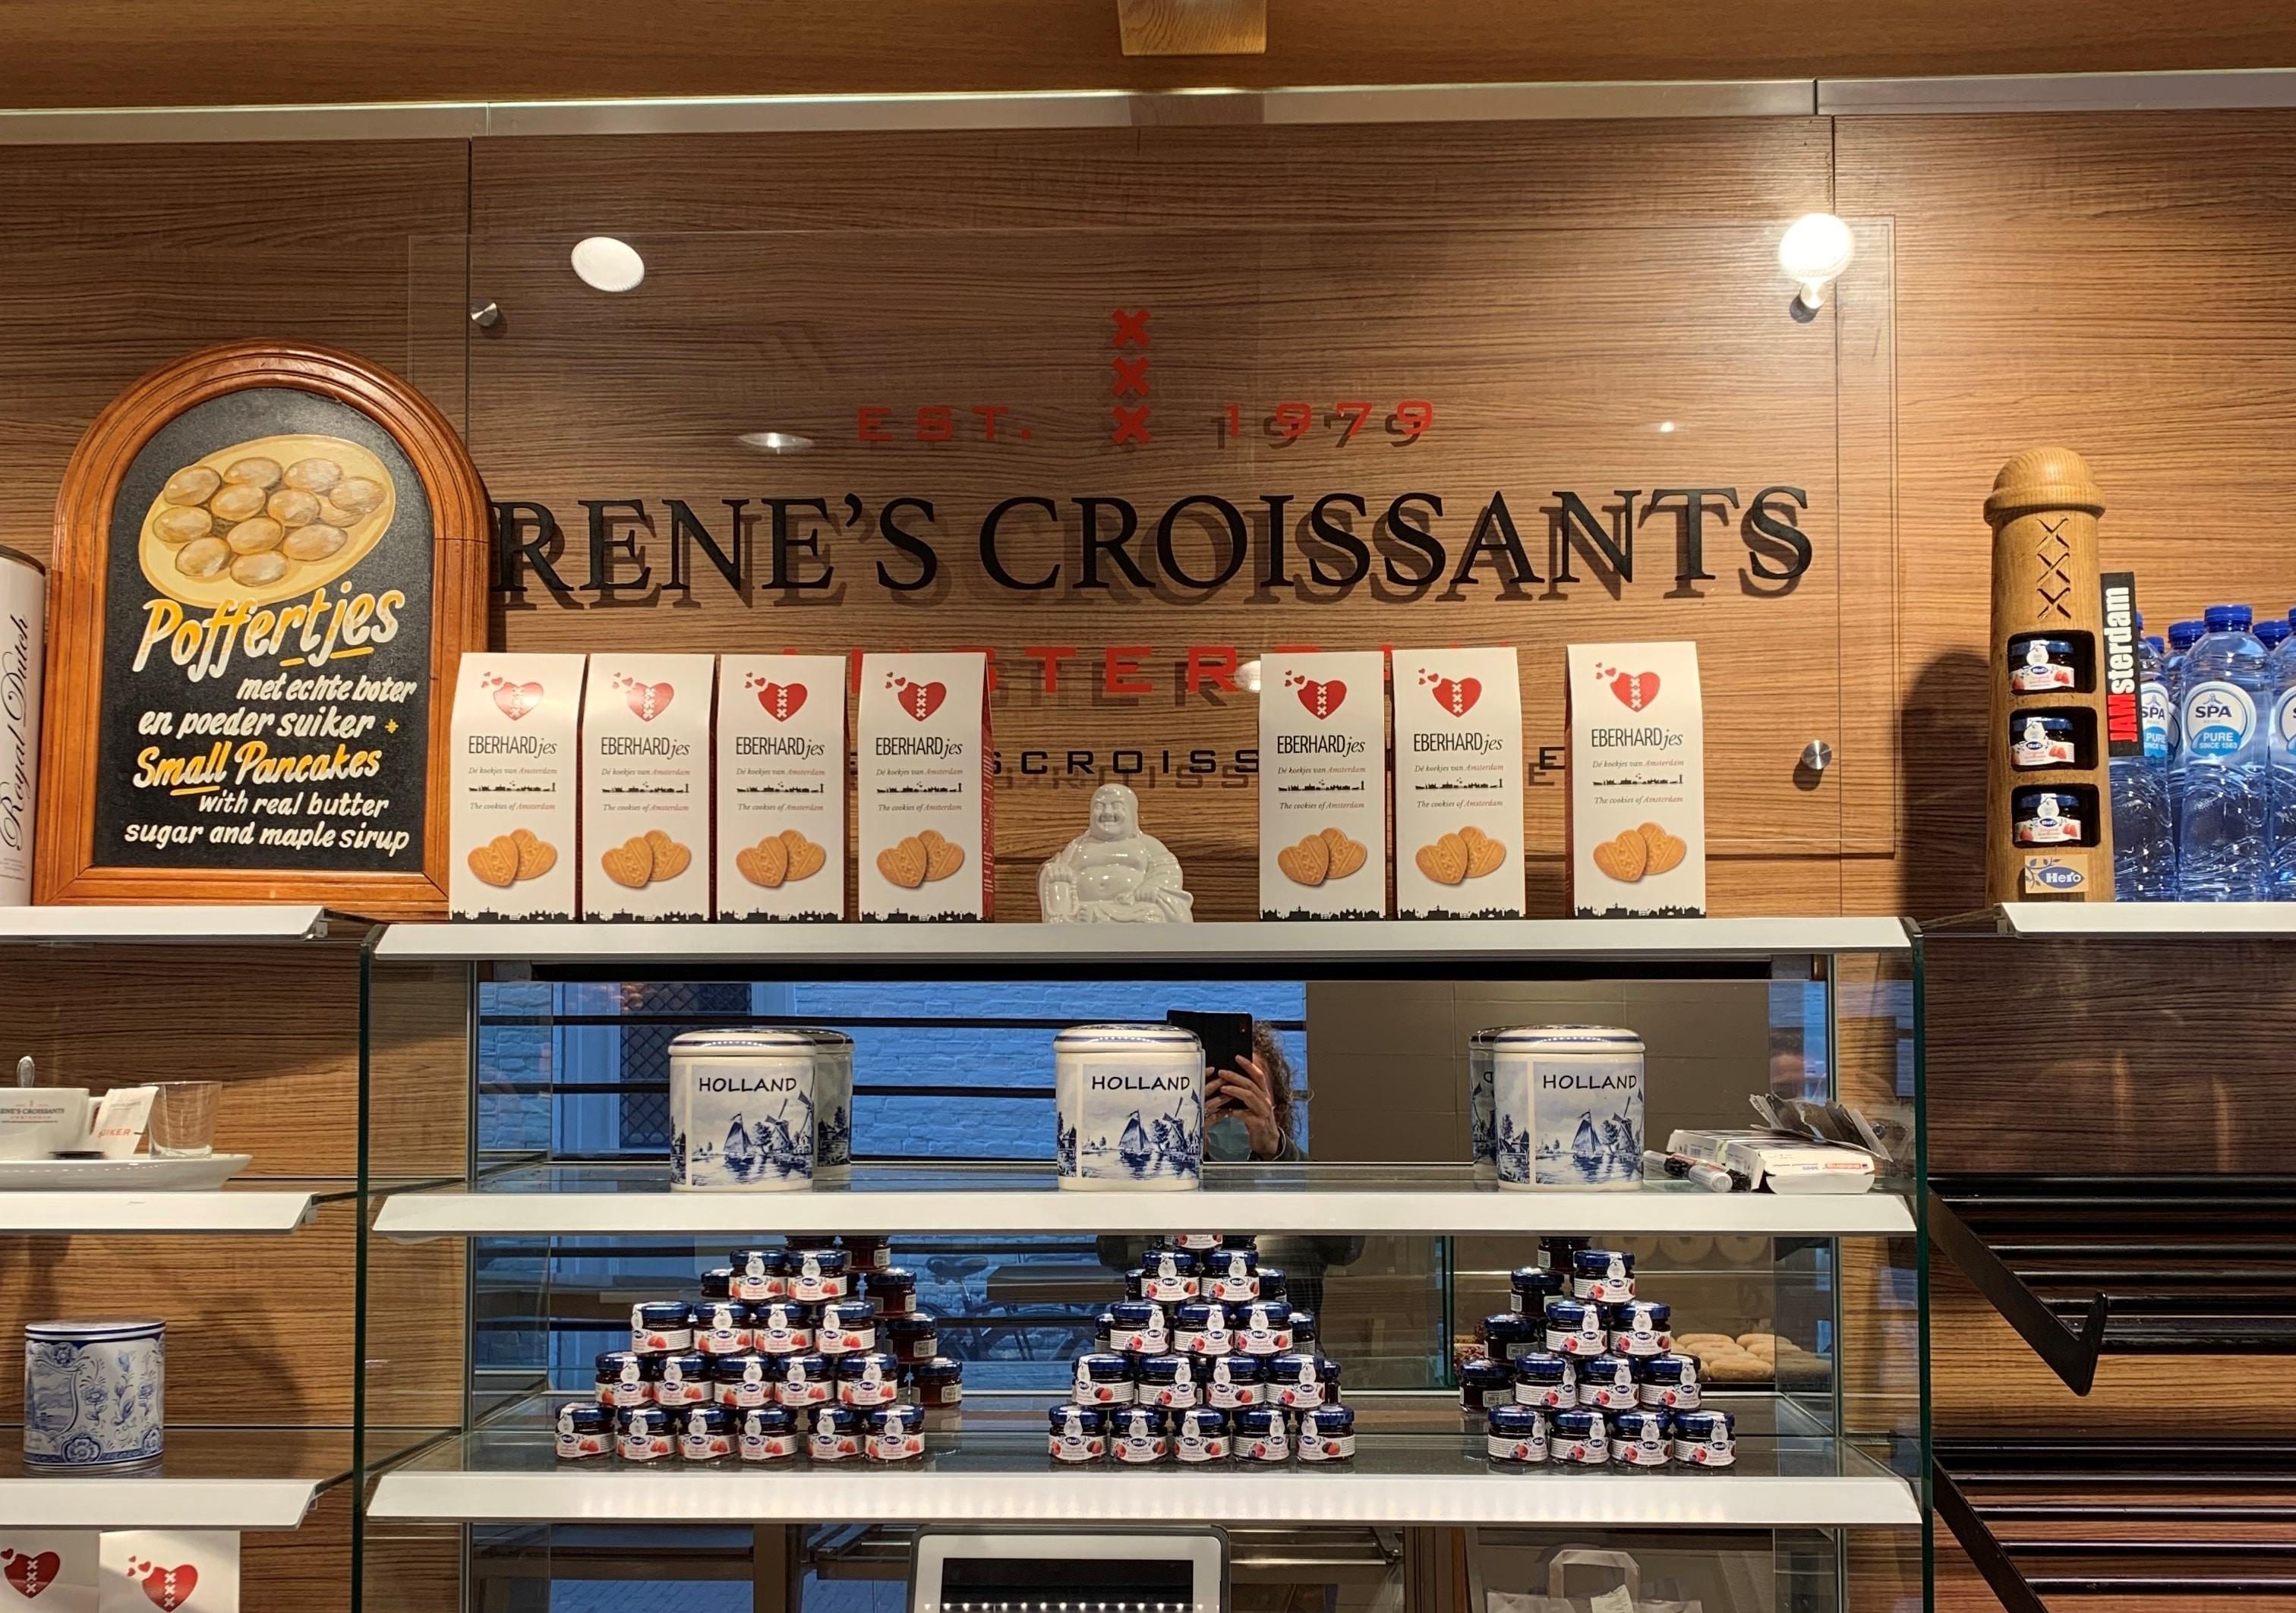 Rene-s-croissanterie-Amsterdam-Eberhardjes